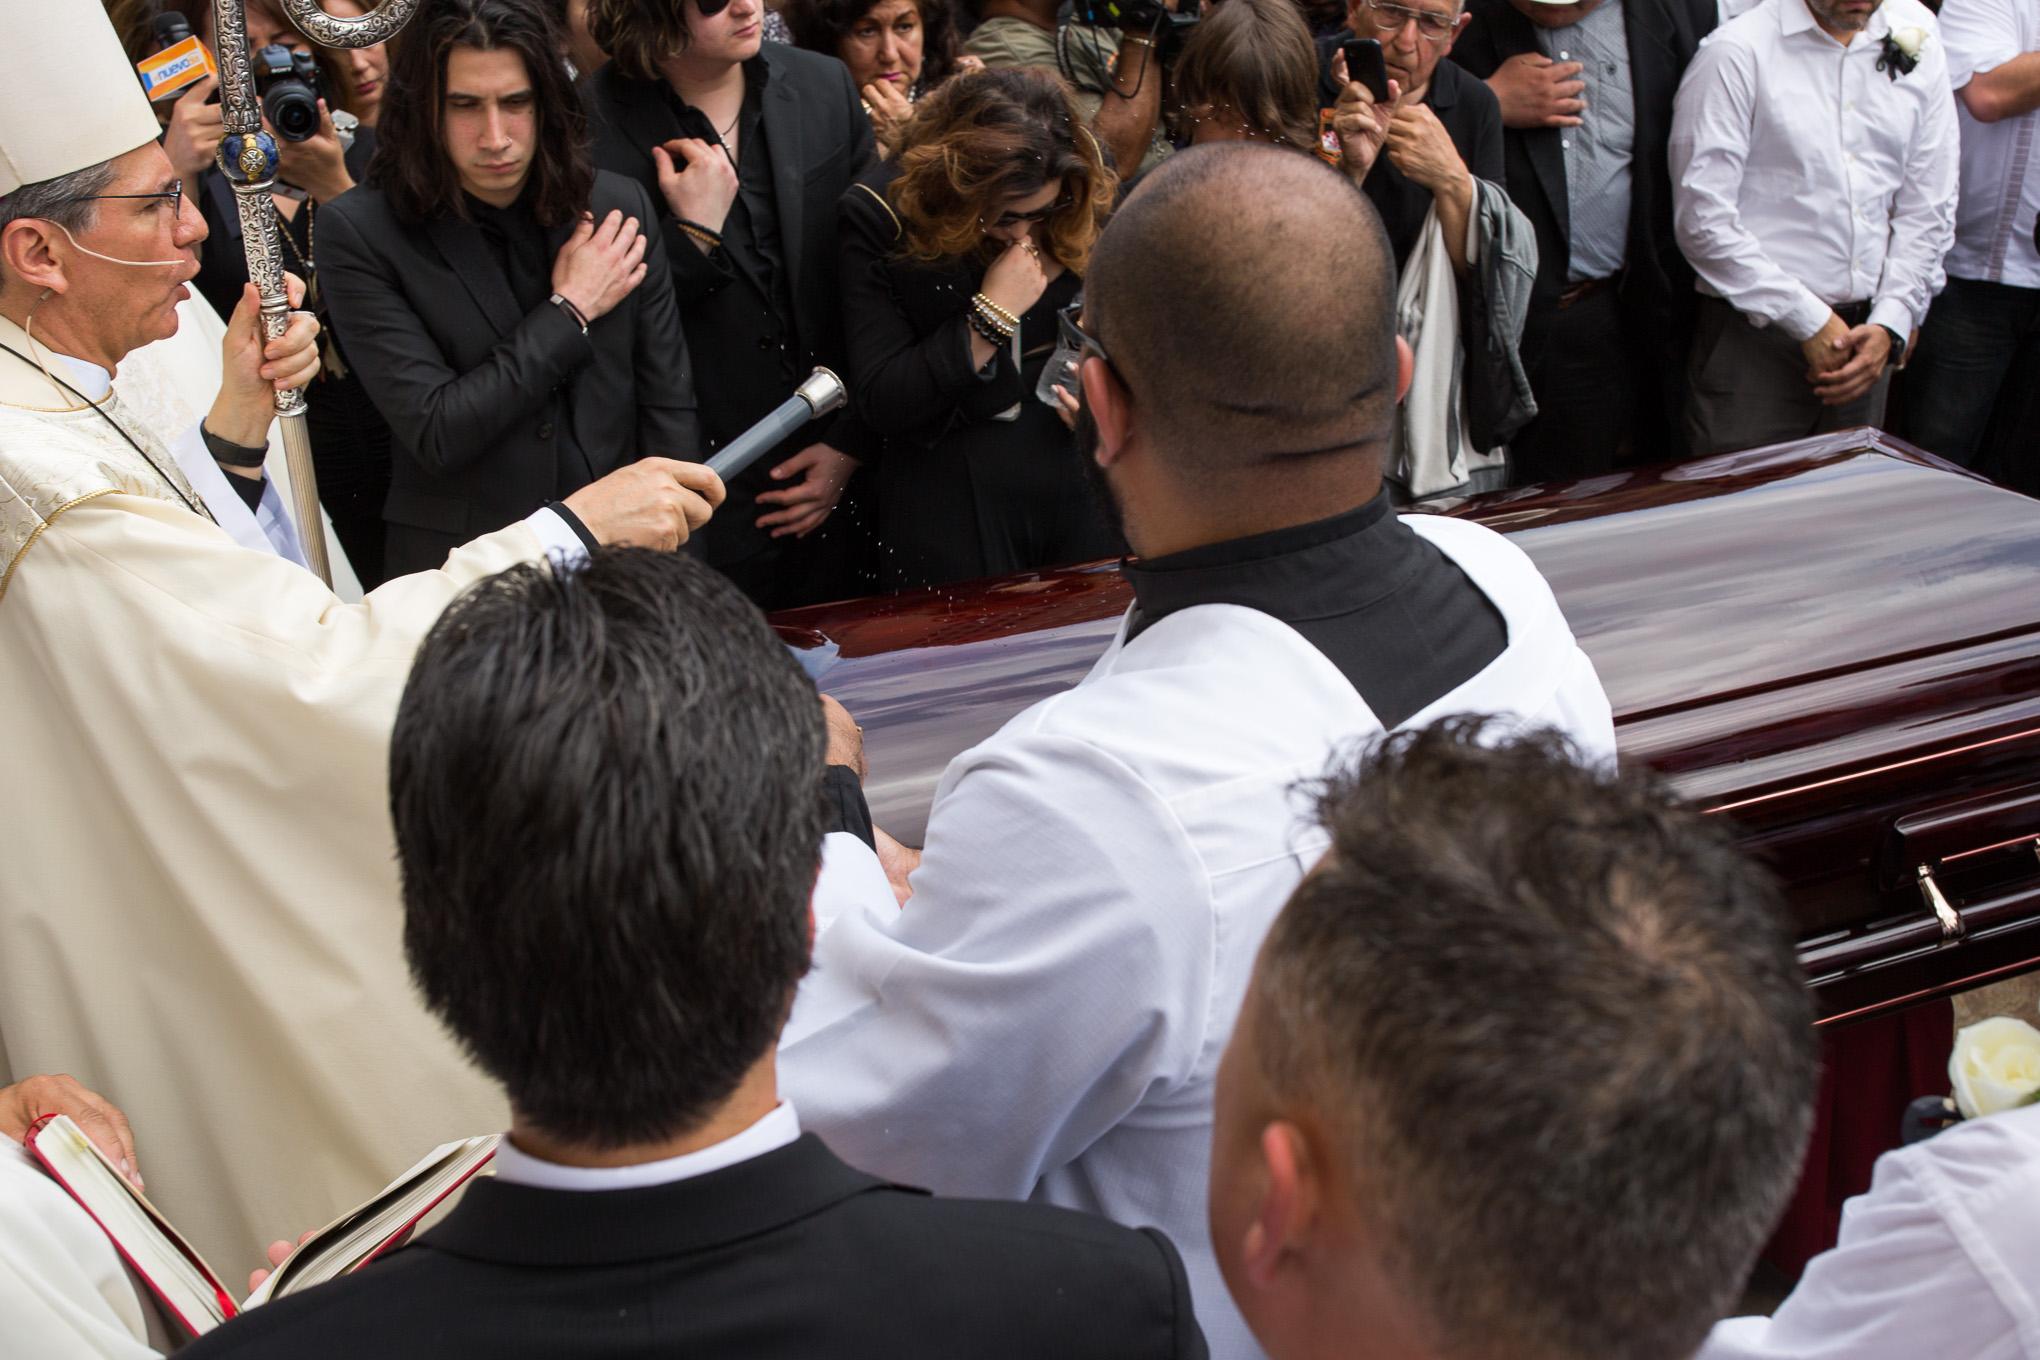 Archbishop Gustavo-García-Siller sprinkles holy water over the casket of Emilio Navaira. Photo by Scott Ball.